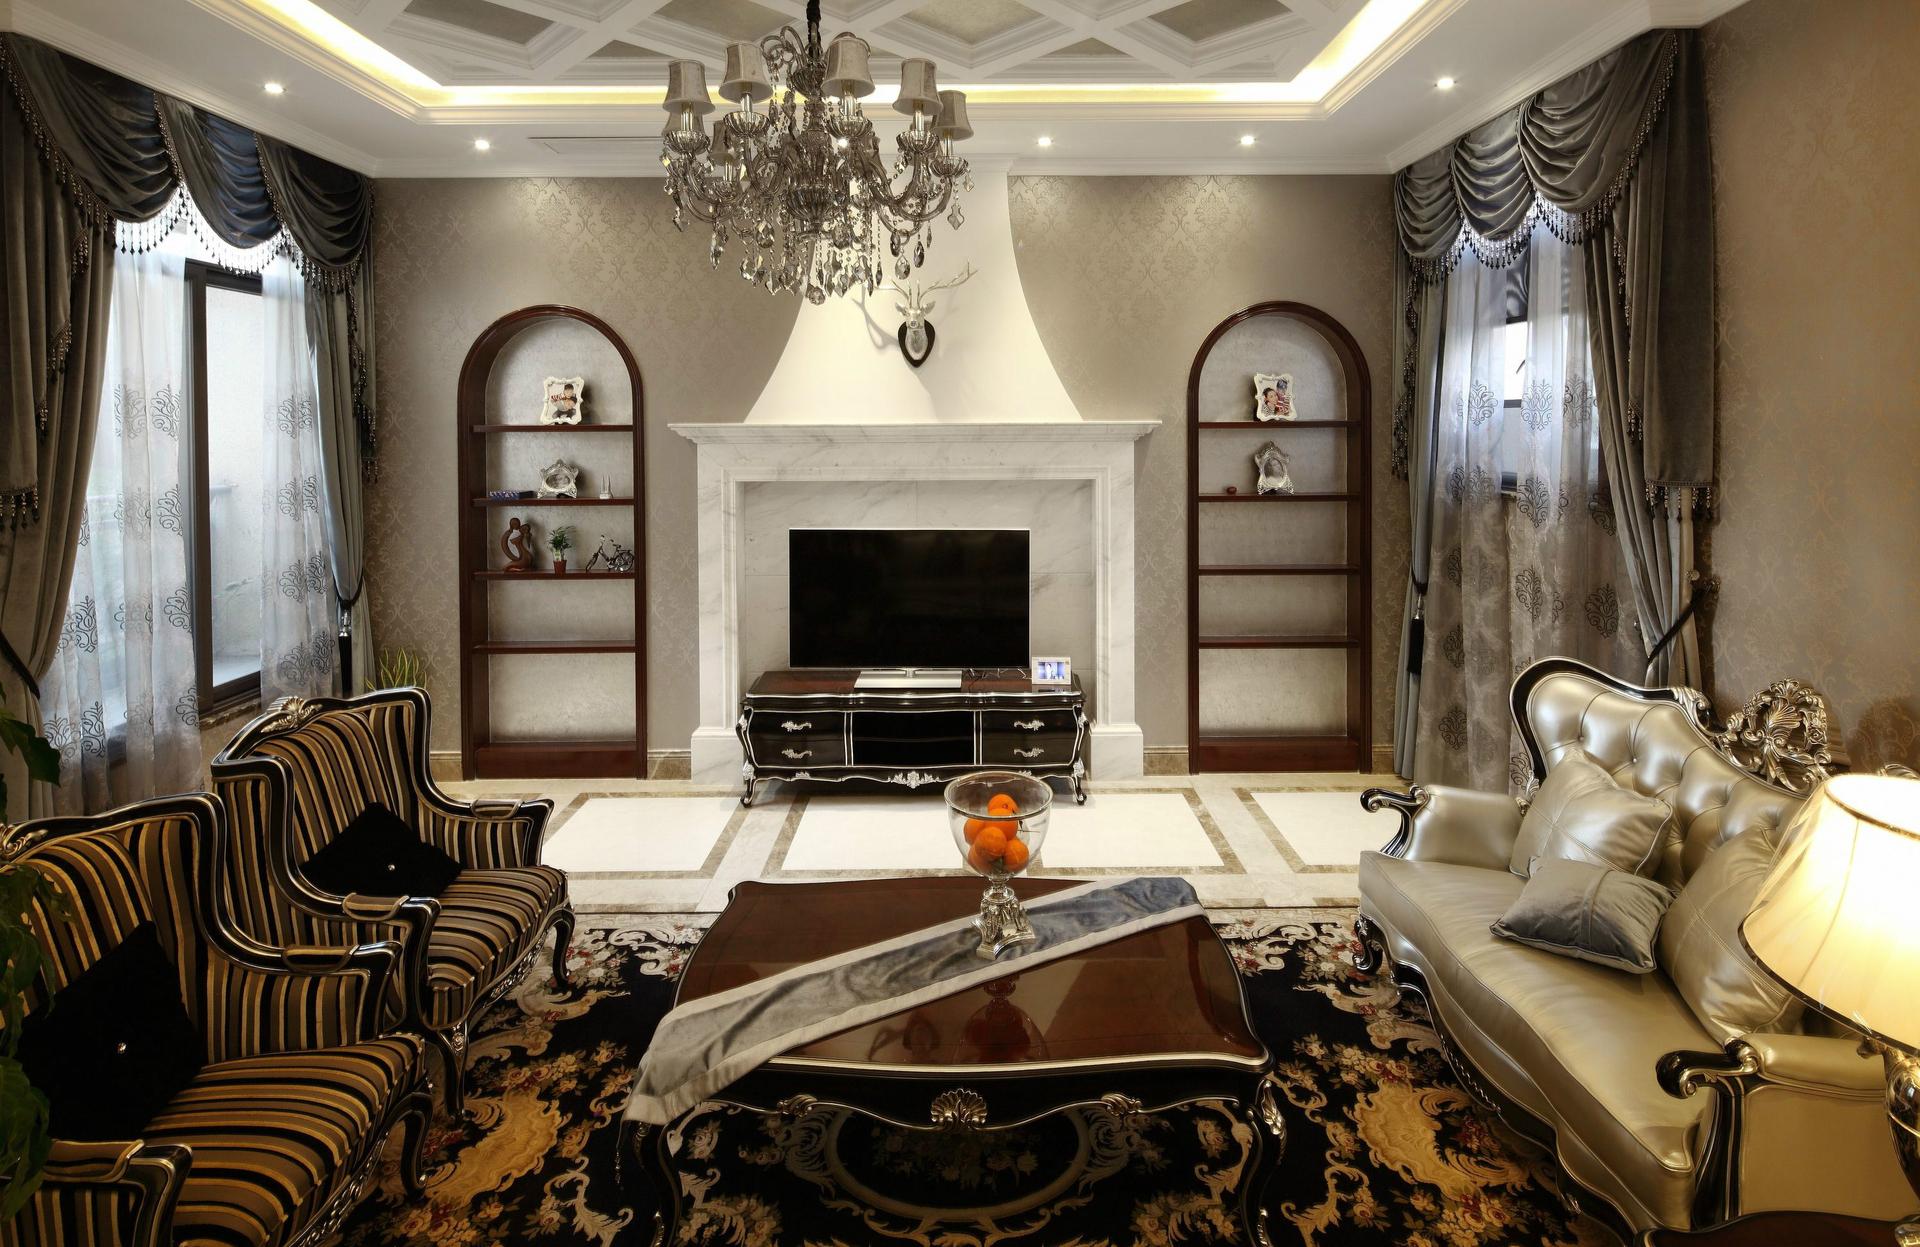 北京 公寓 装修 设计 简欧 客厅图片来自北京紫禁尚品装饰刘霞在五矿万科·如园简欧风格装修设计的分享